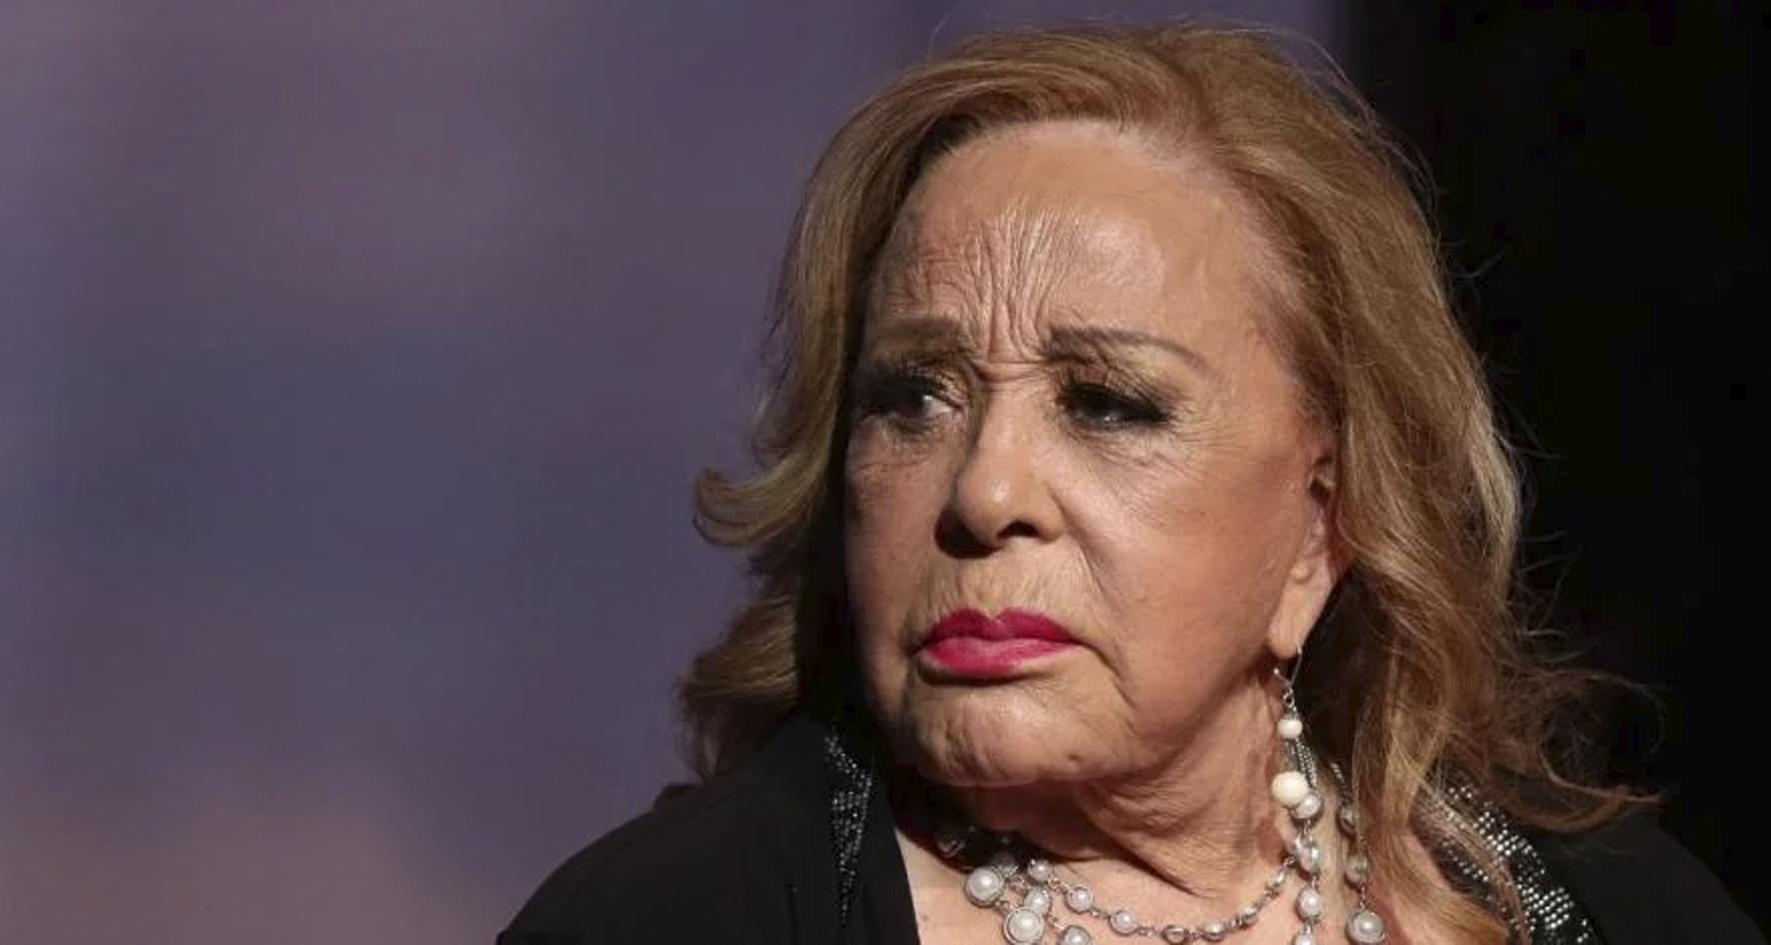 Pago 90 mil por una cirugía y le deforman la cara a Silvia Pinal